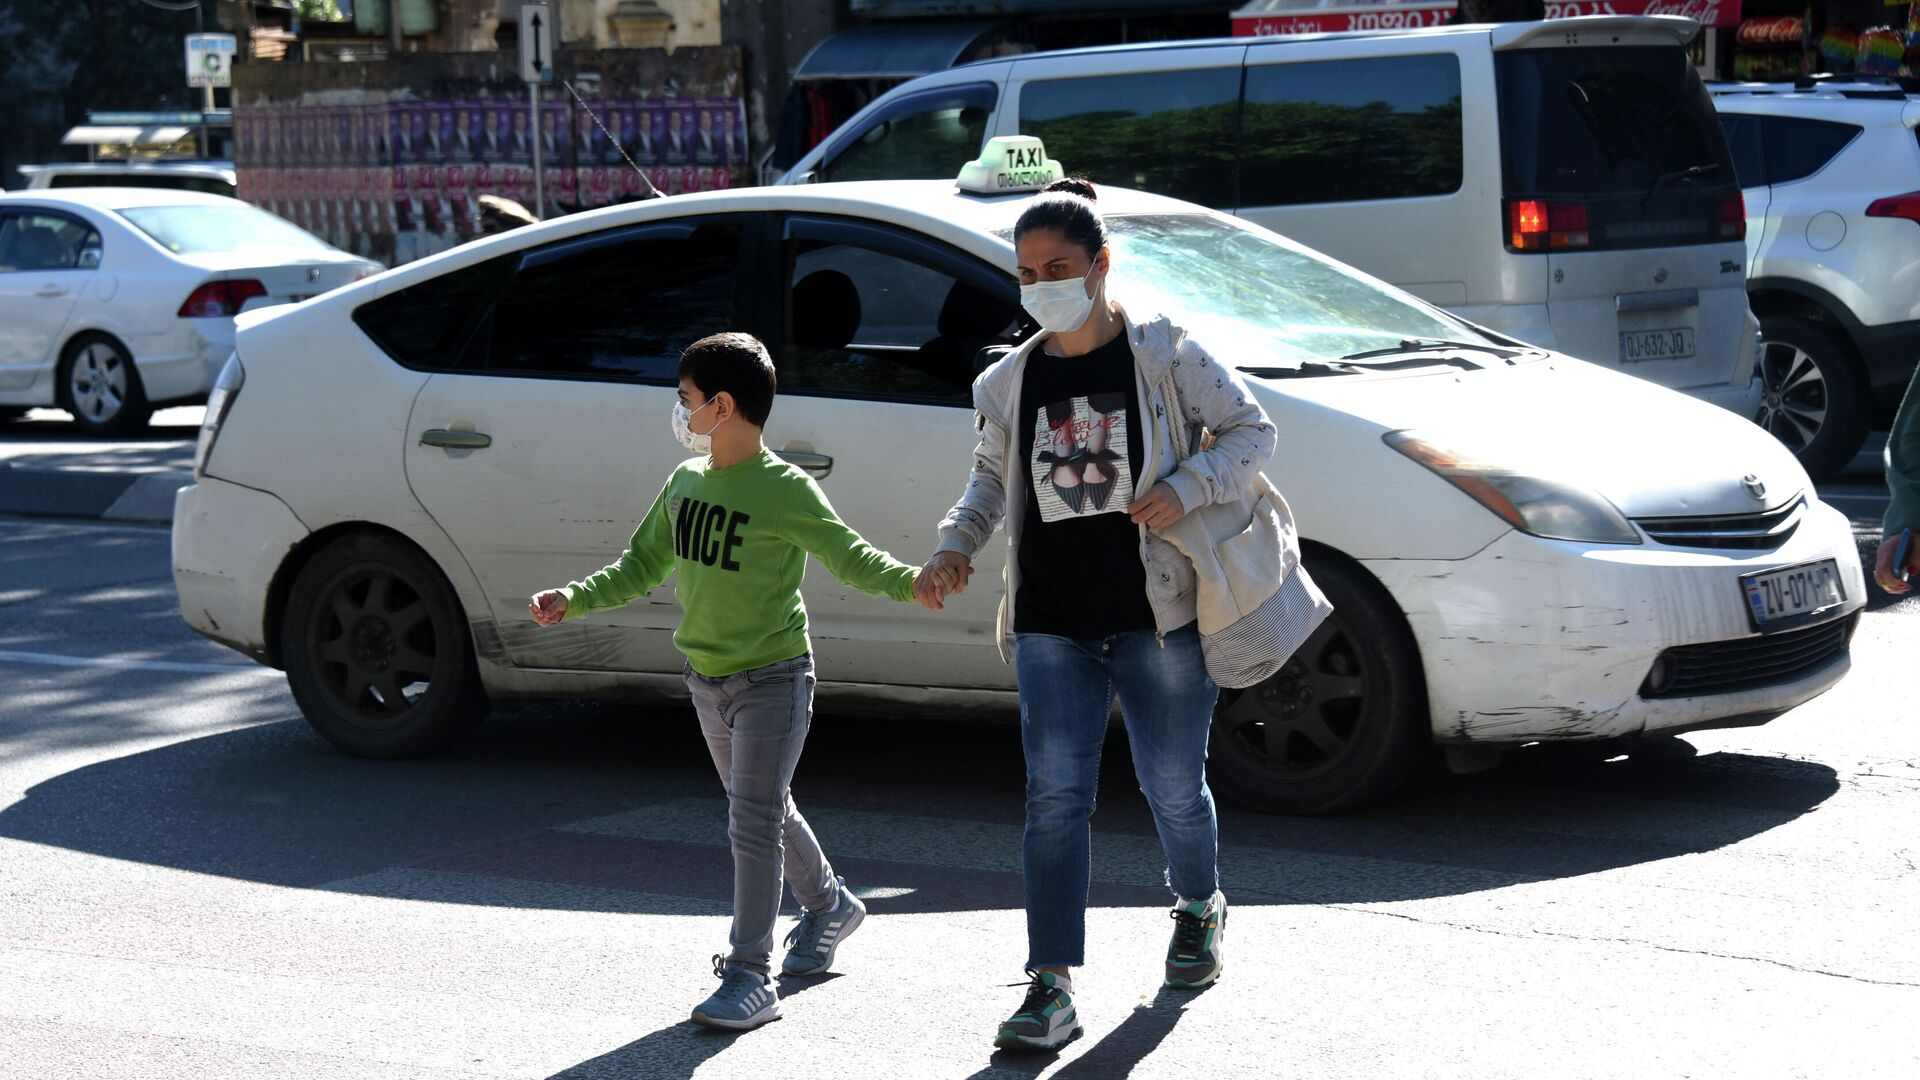 Эпидемия коронавируса - прохожие на улице в масках рядом с такси - Sputnik Грузия, 1920, 08.10.2021